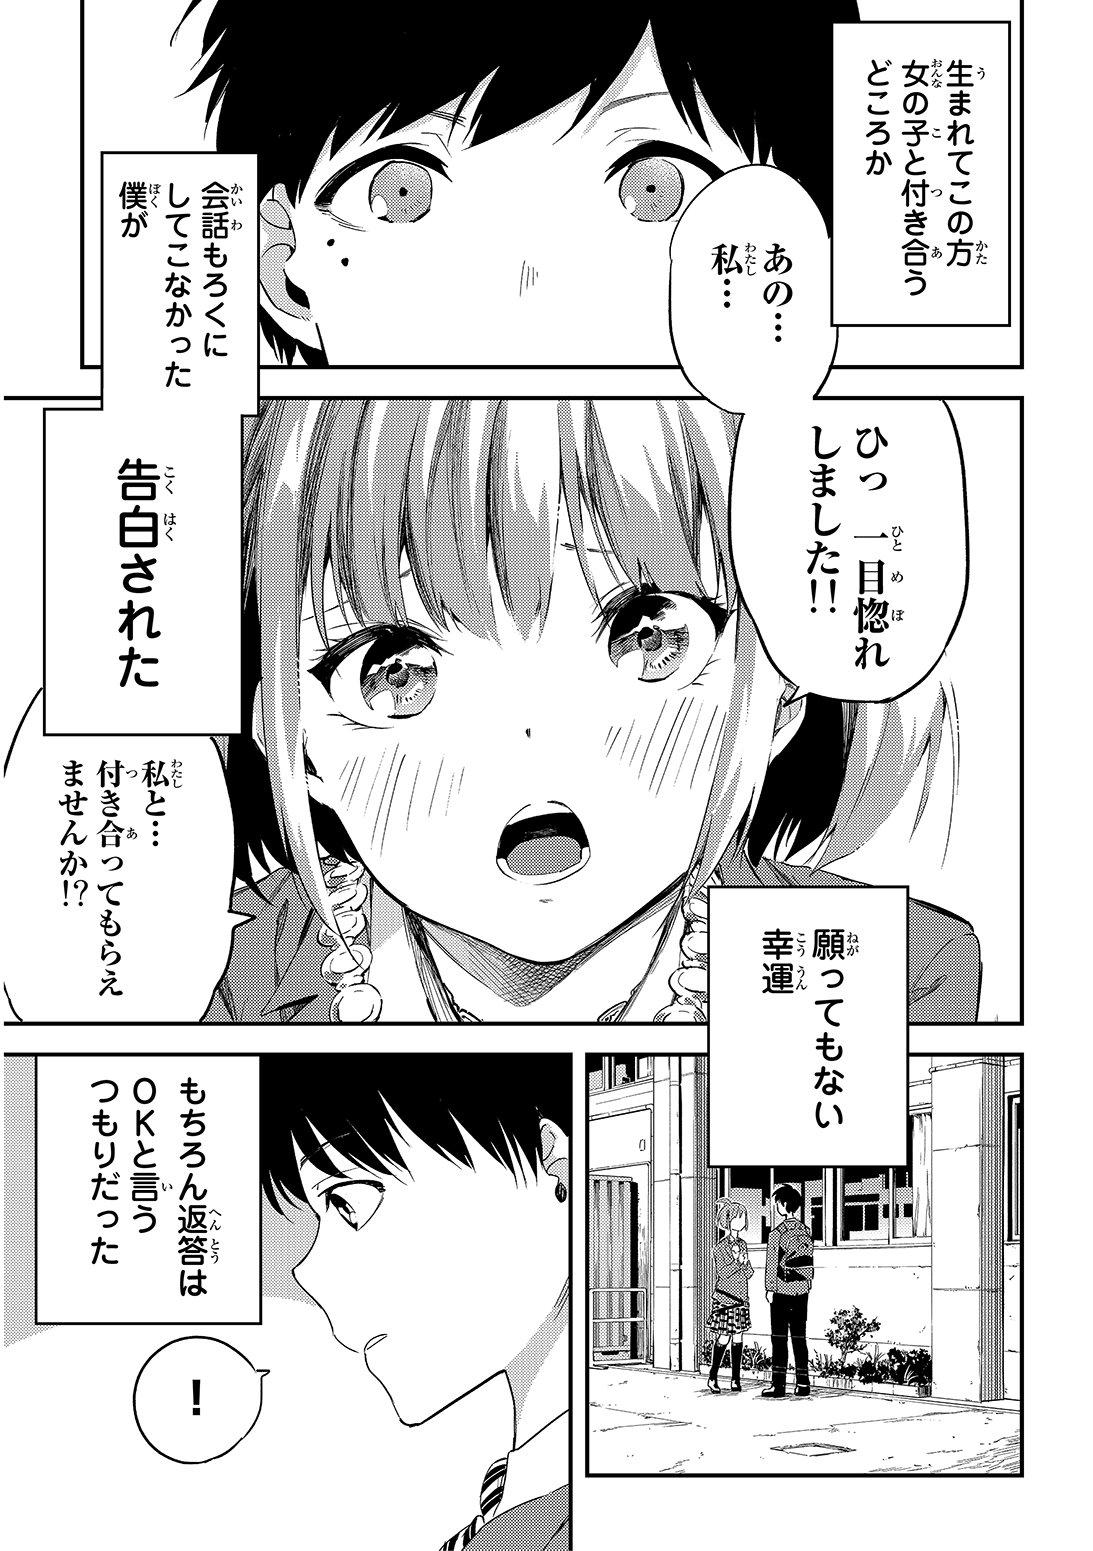 うさんくさい子に一目惚れされた話1/4